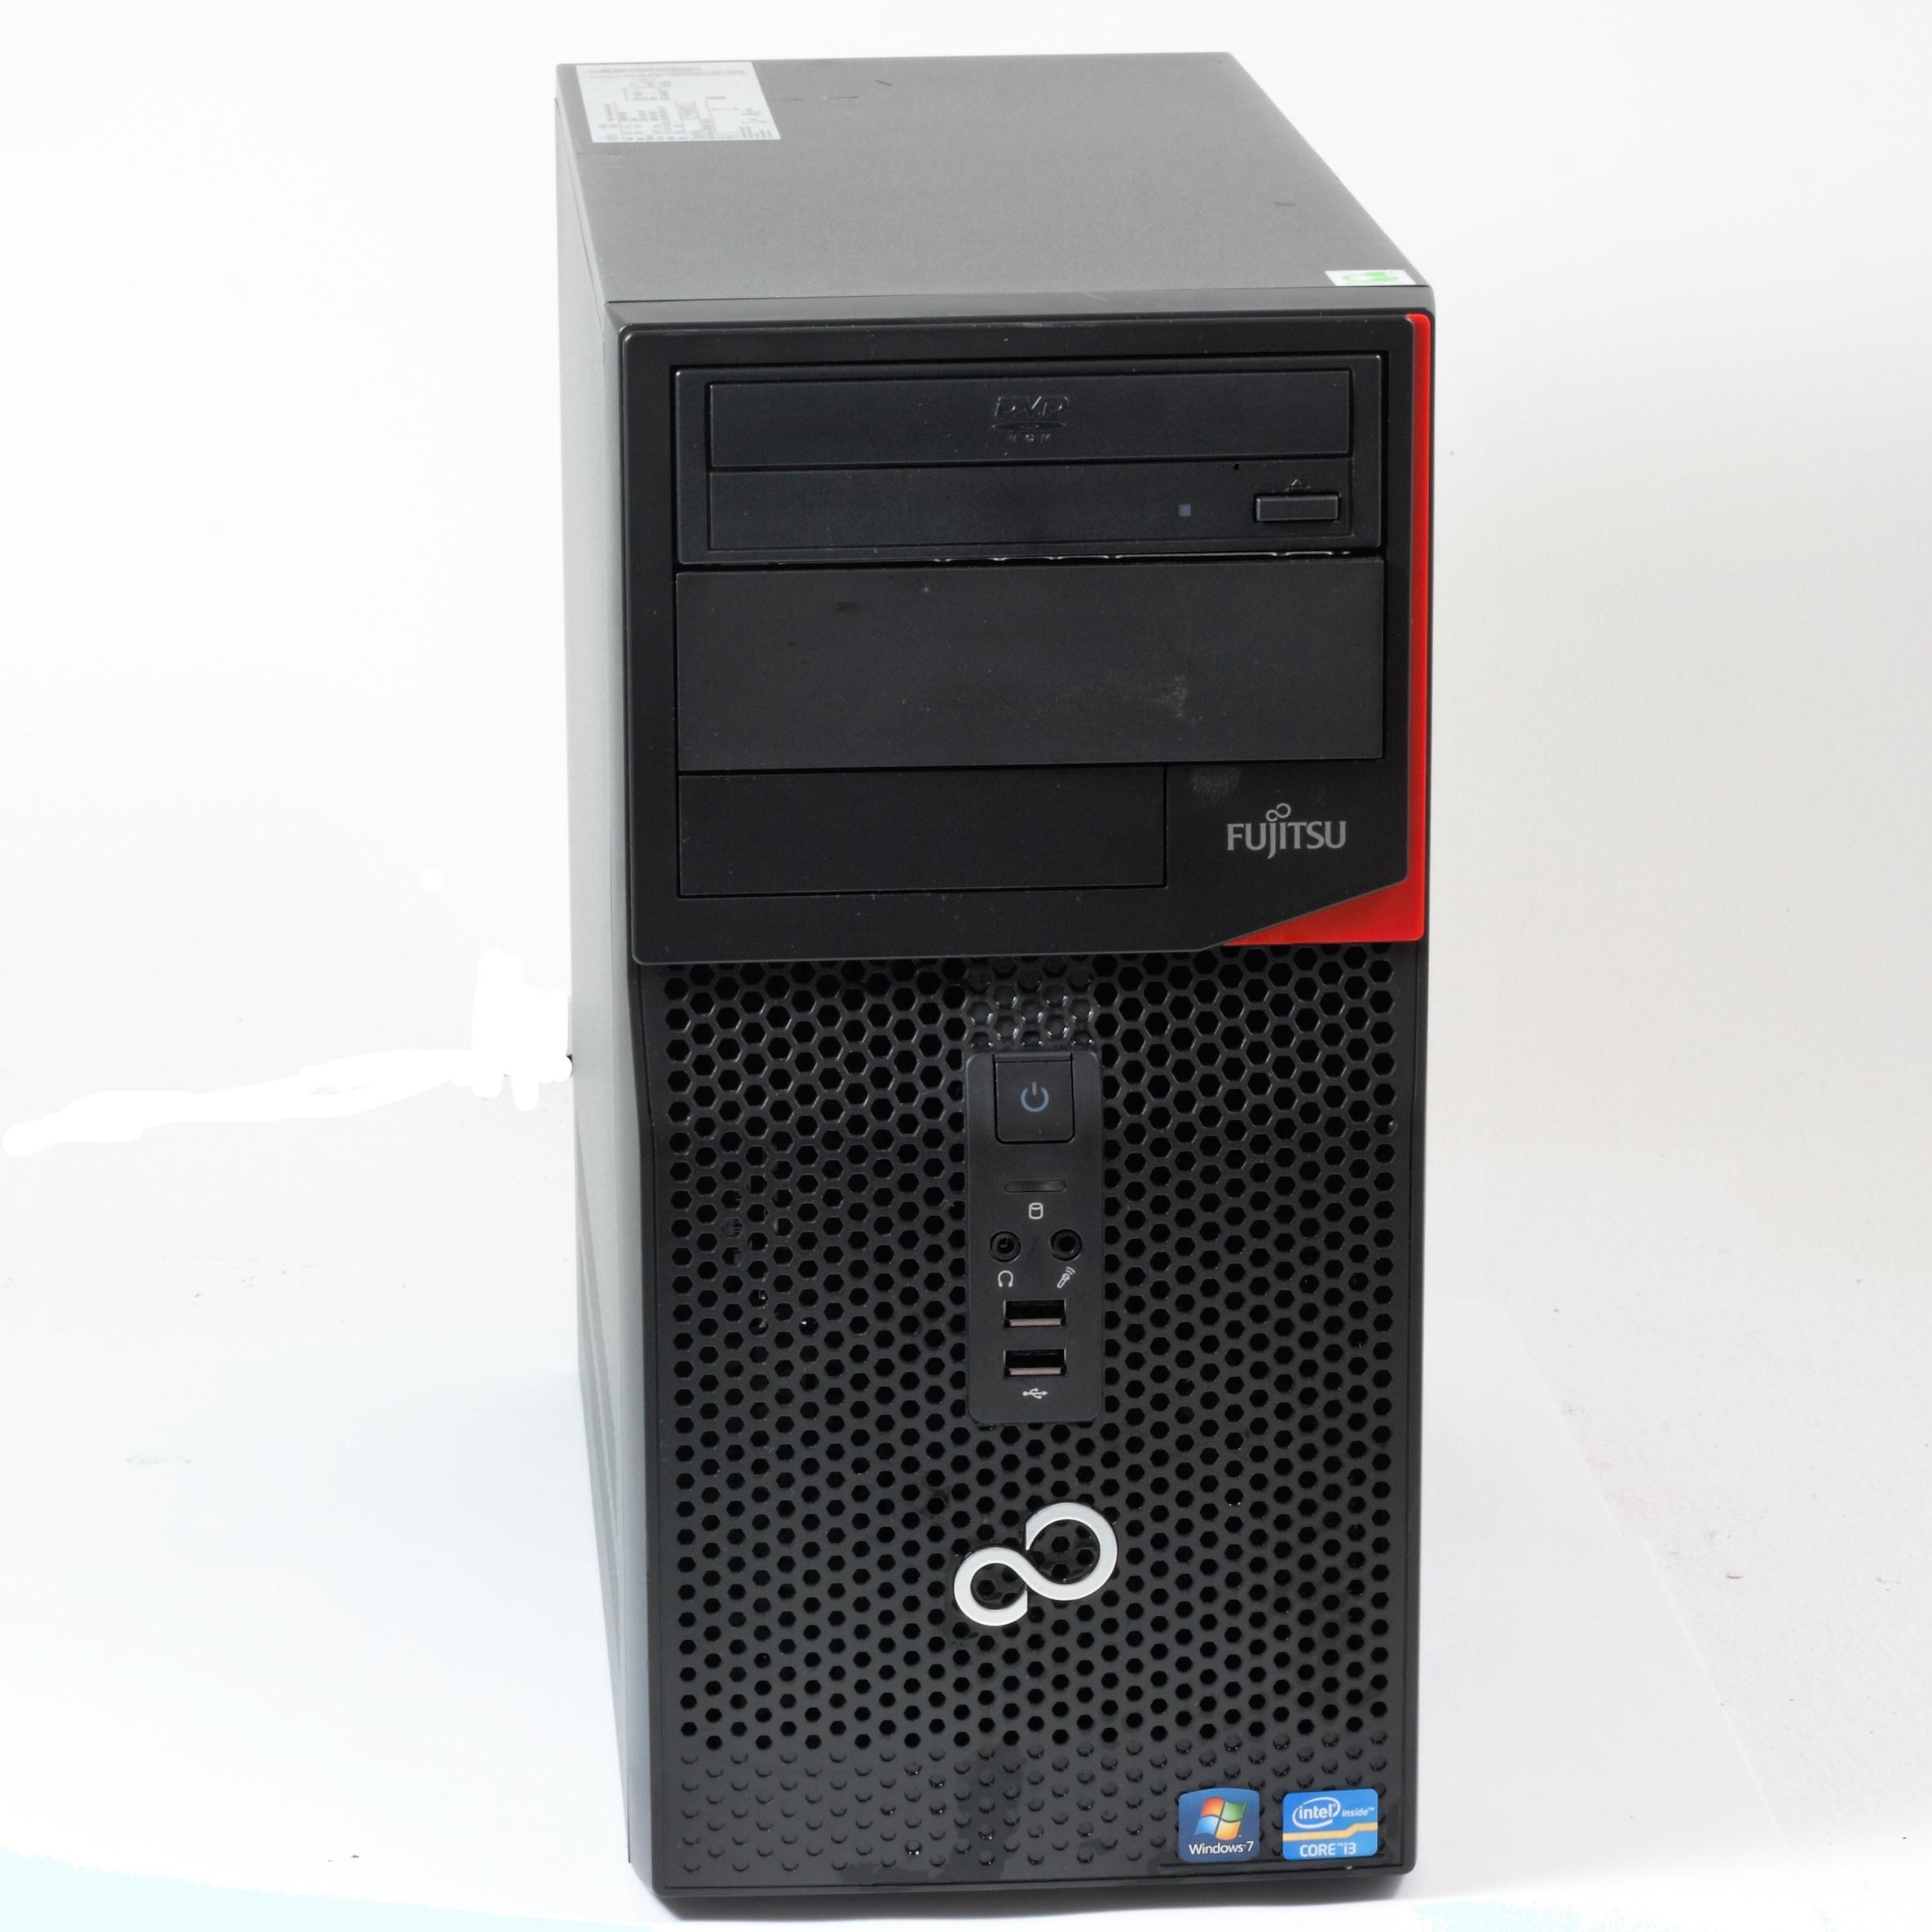 Fujitsu Esprimo P410 Minitower PC Core i3 3220 3,3GHz 500GB 4GB DVD gebraucht PC  Core i3  3220 2x 3,3GHz          500GB   2GB   DVD-ROM